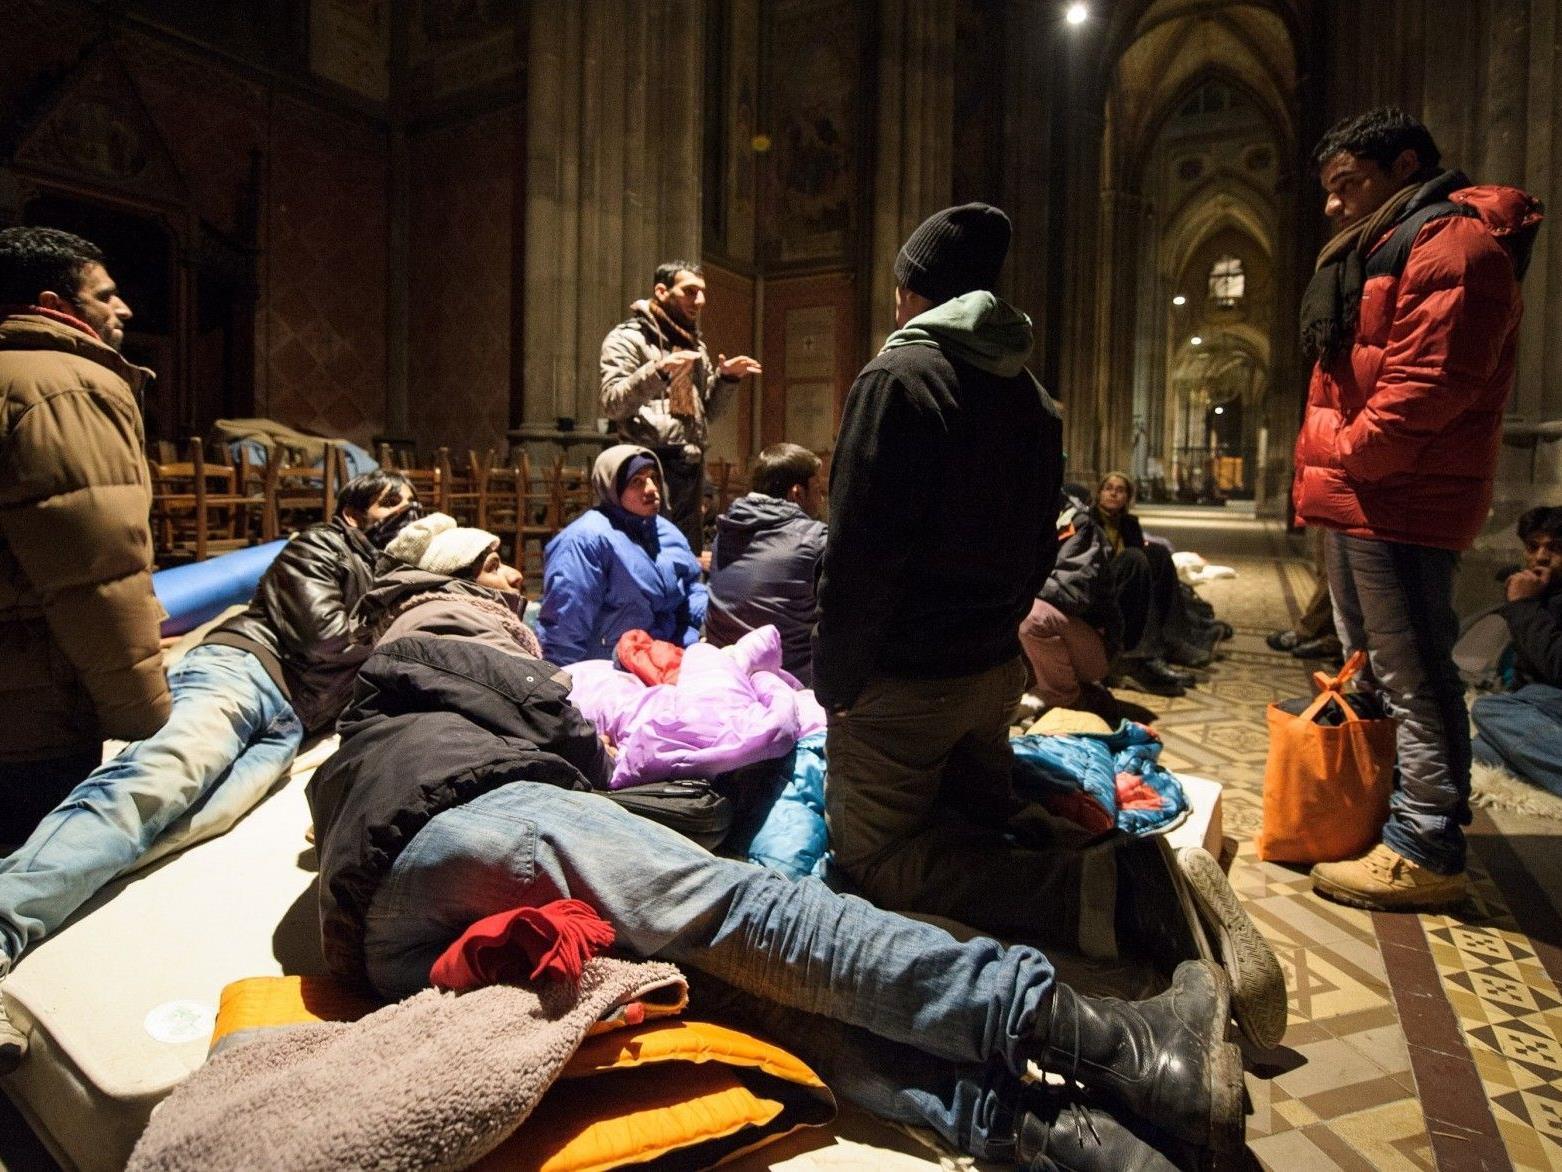 Flüchtlinge bleiben in Votivkirche